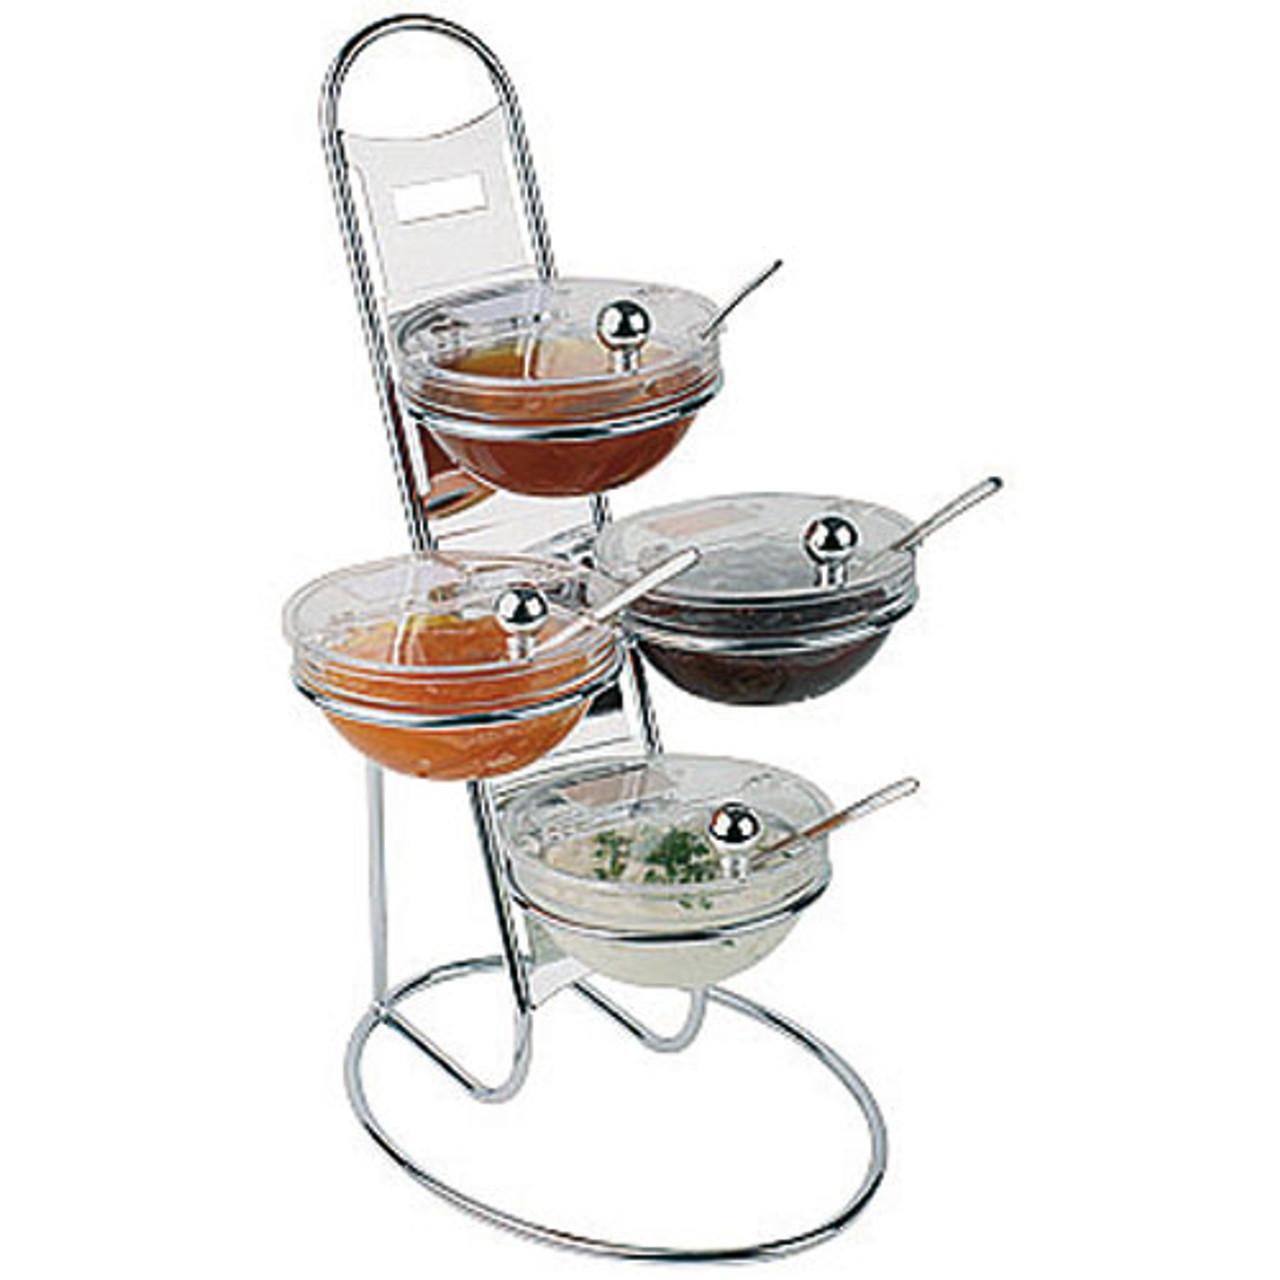 Chromed Three-Tier Buffet Ladder & Medium Bowl Set, L 11.875 x W 11.875 x H 18.875